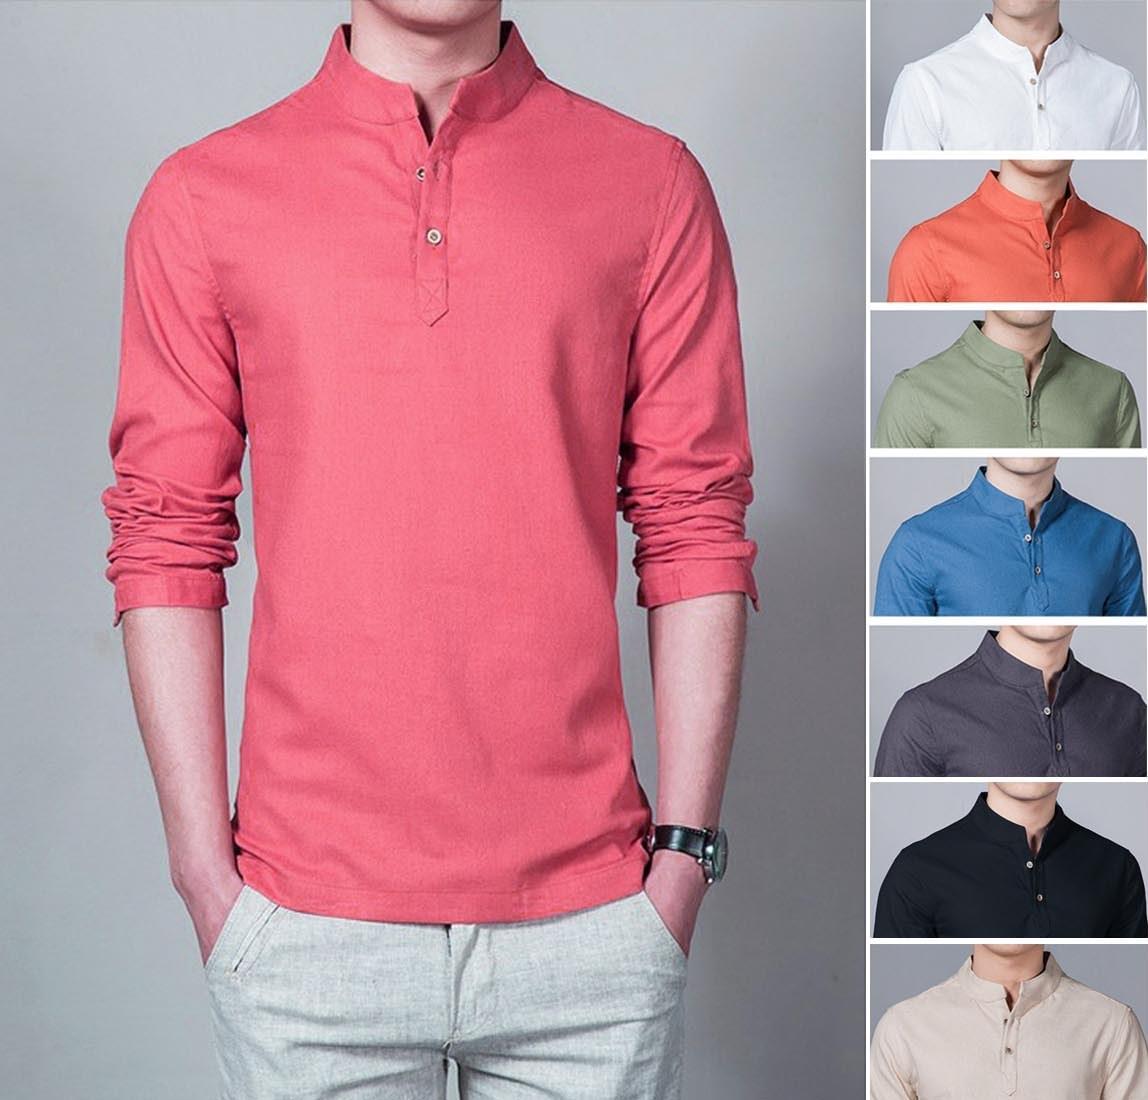 Baju Kemeja Koko Shaquile Polos Warna Pink. Bahan Cotton Lembut Adem. Kemeja Muslim Pria Grosir Gamis Murah Distro